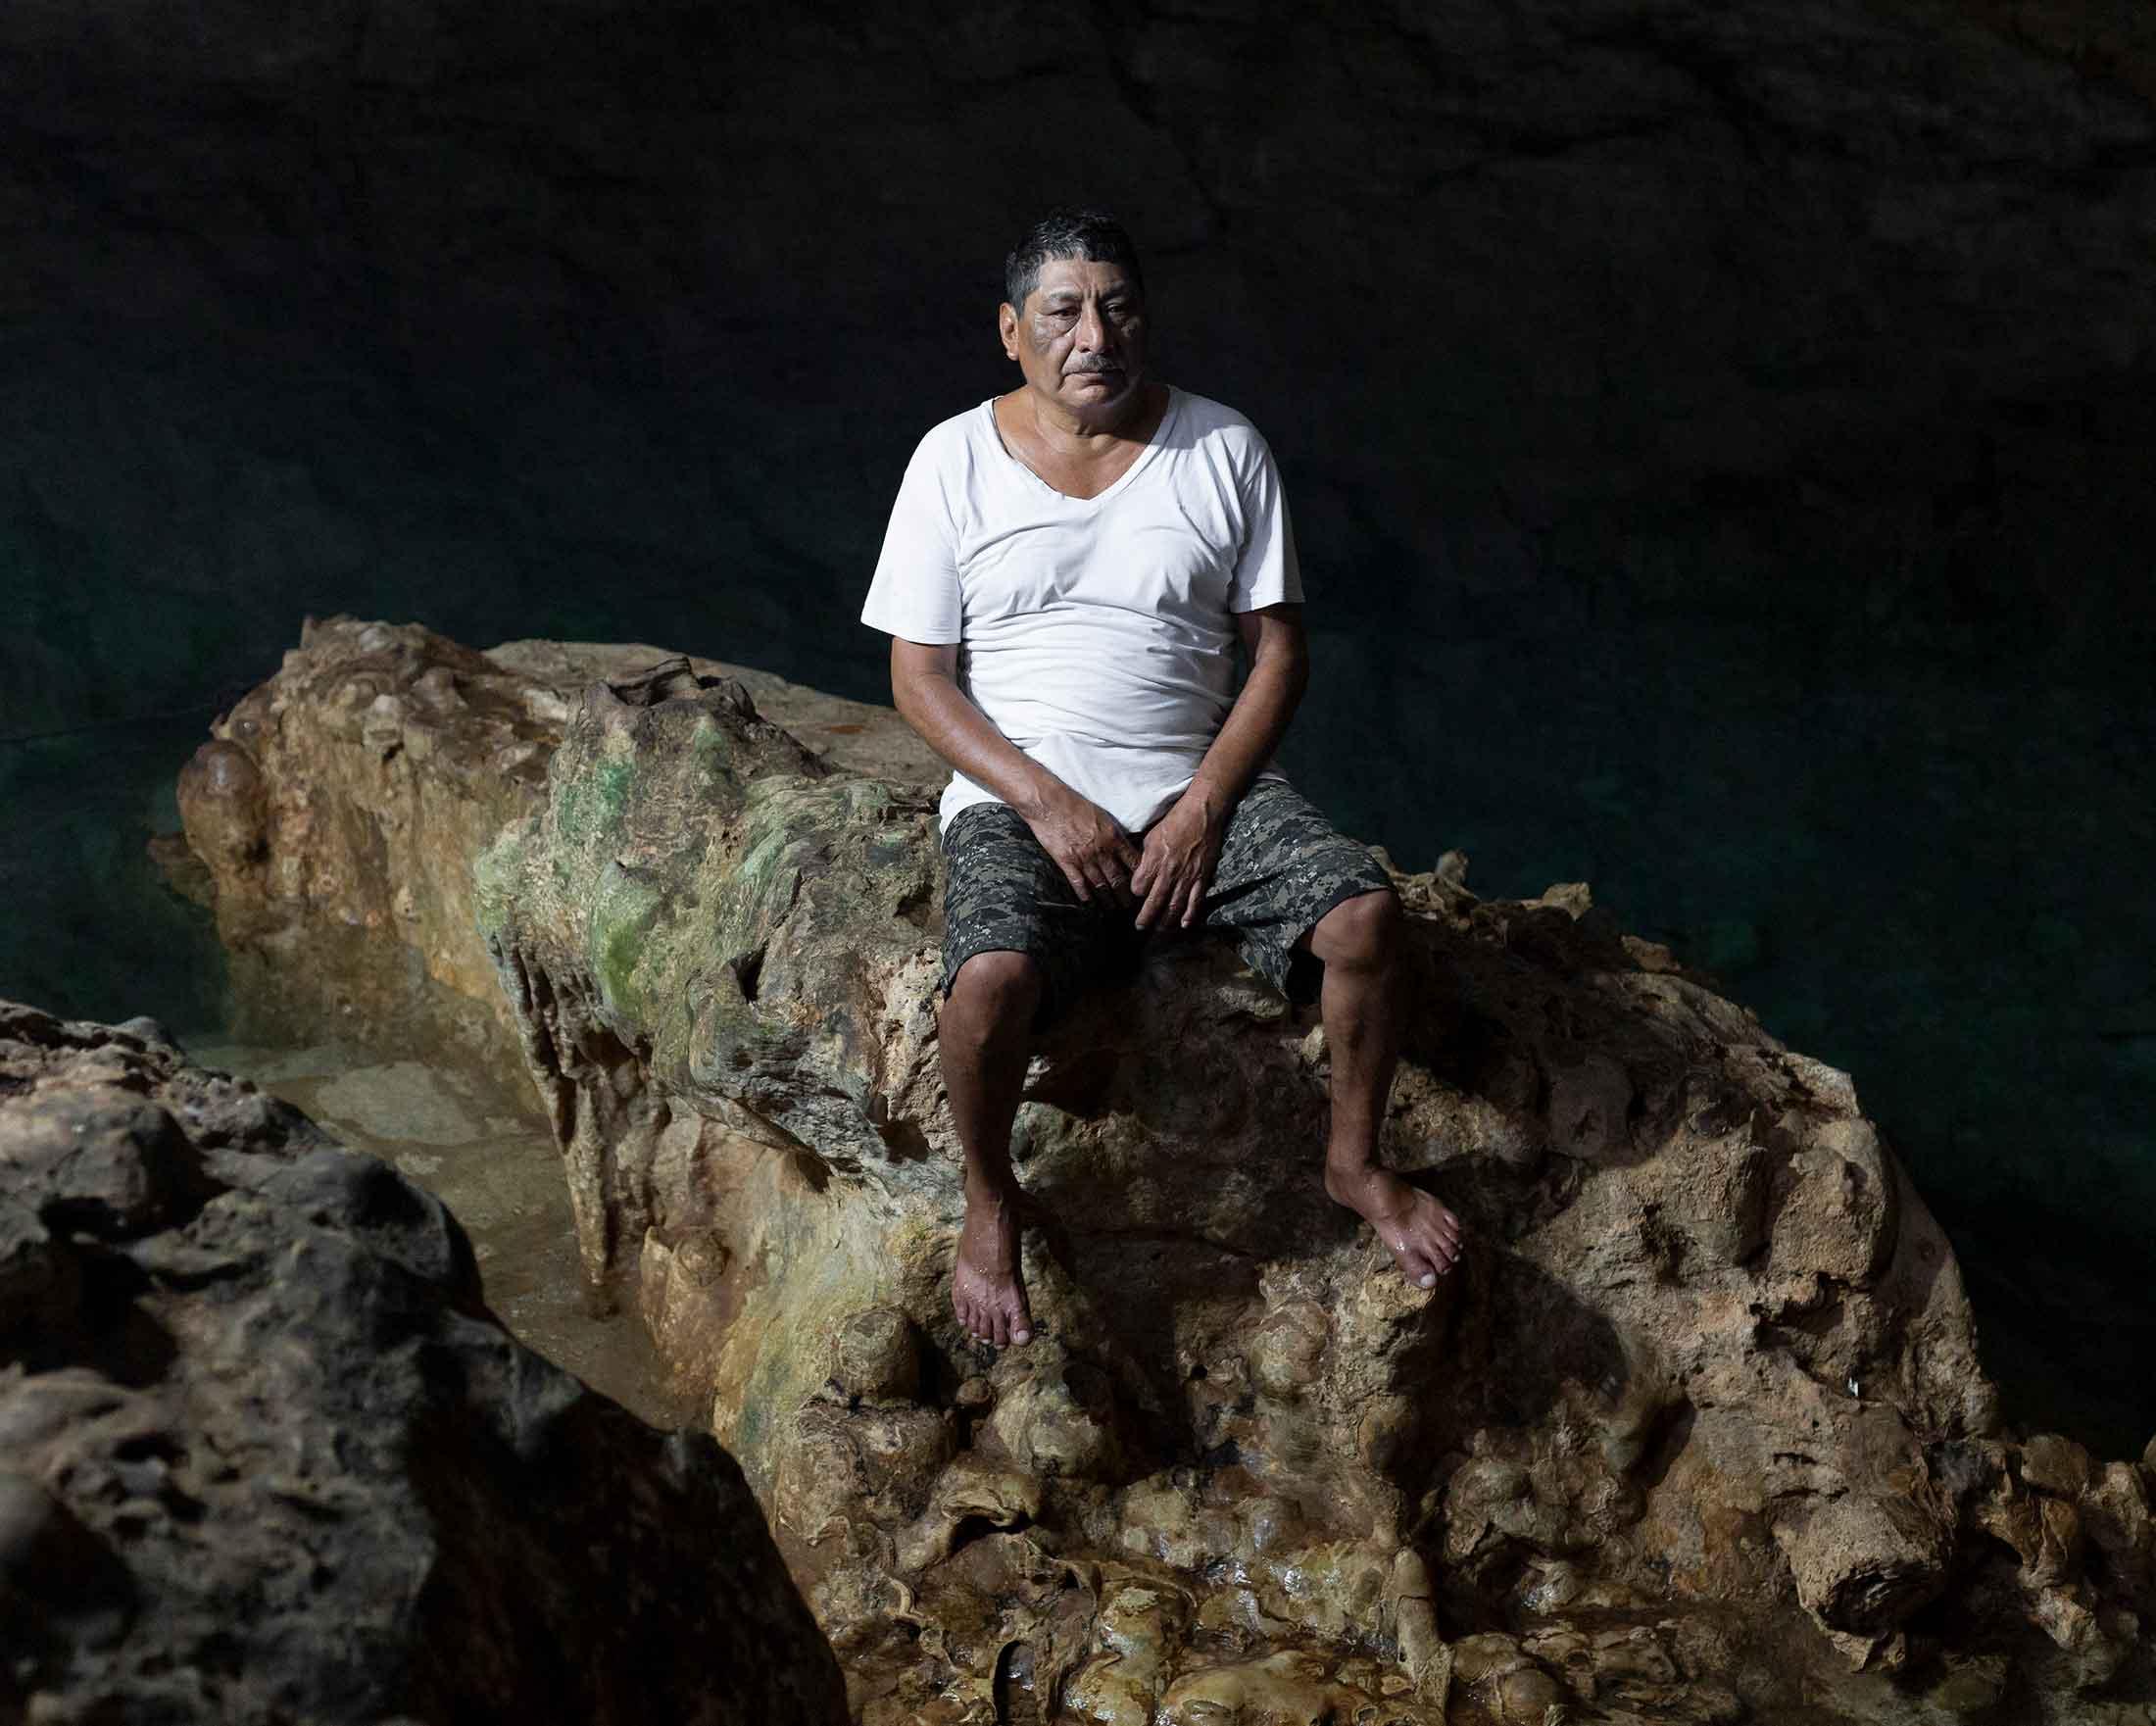 Cenotero